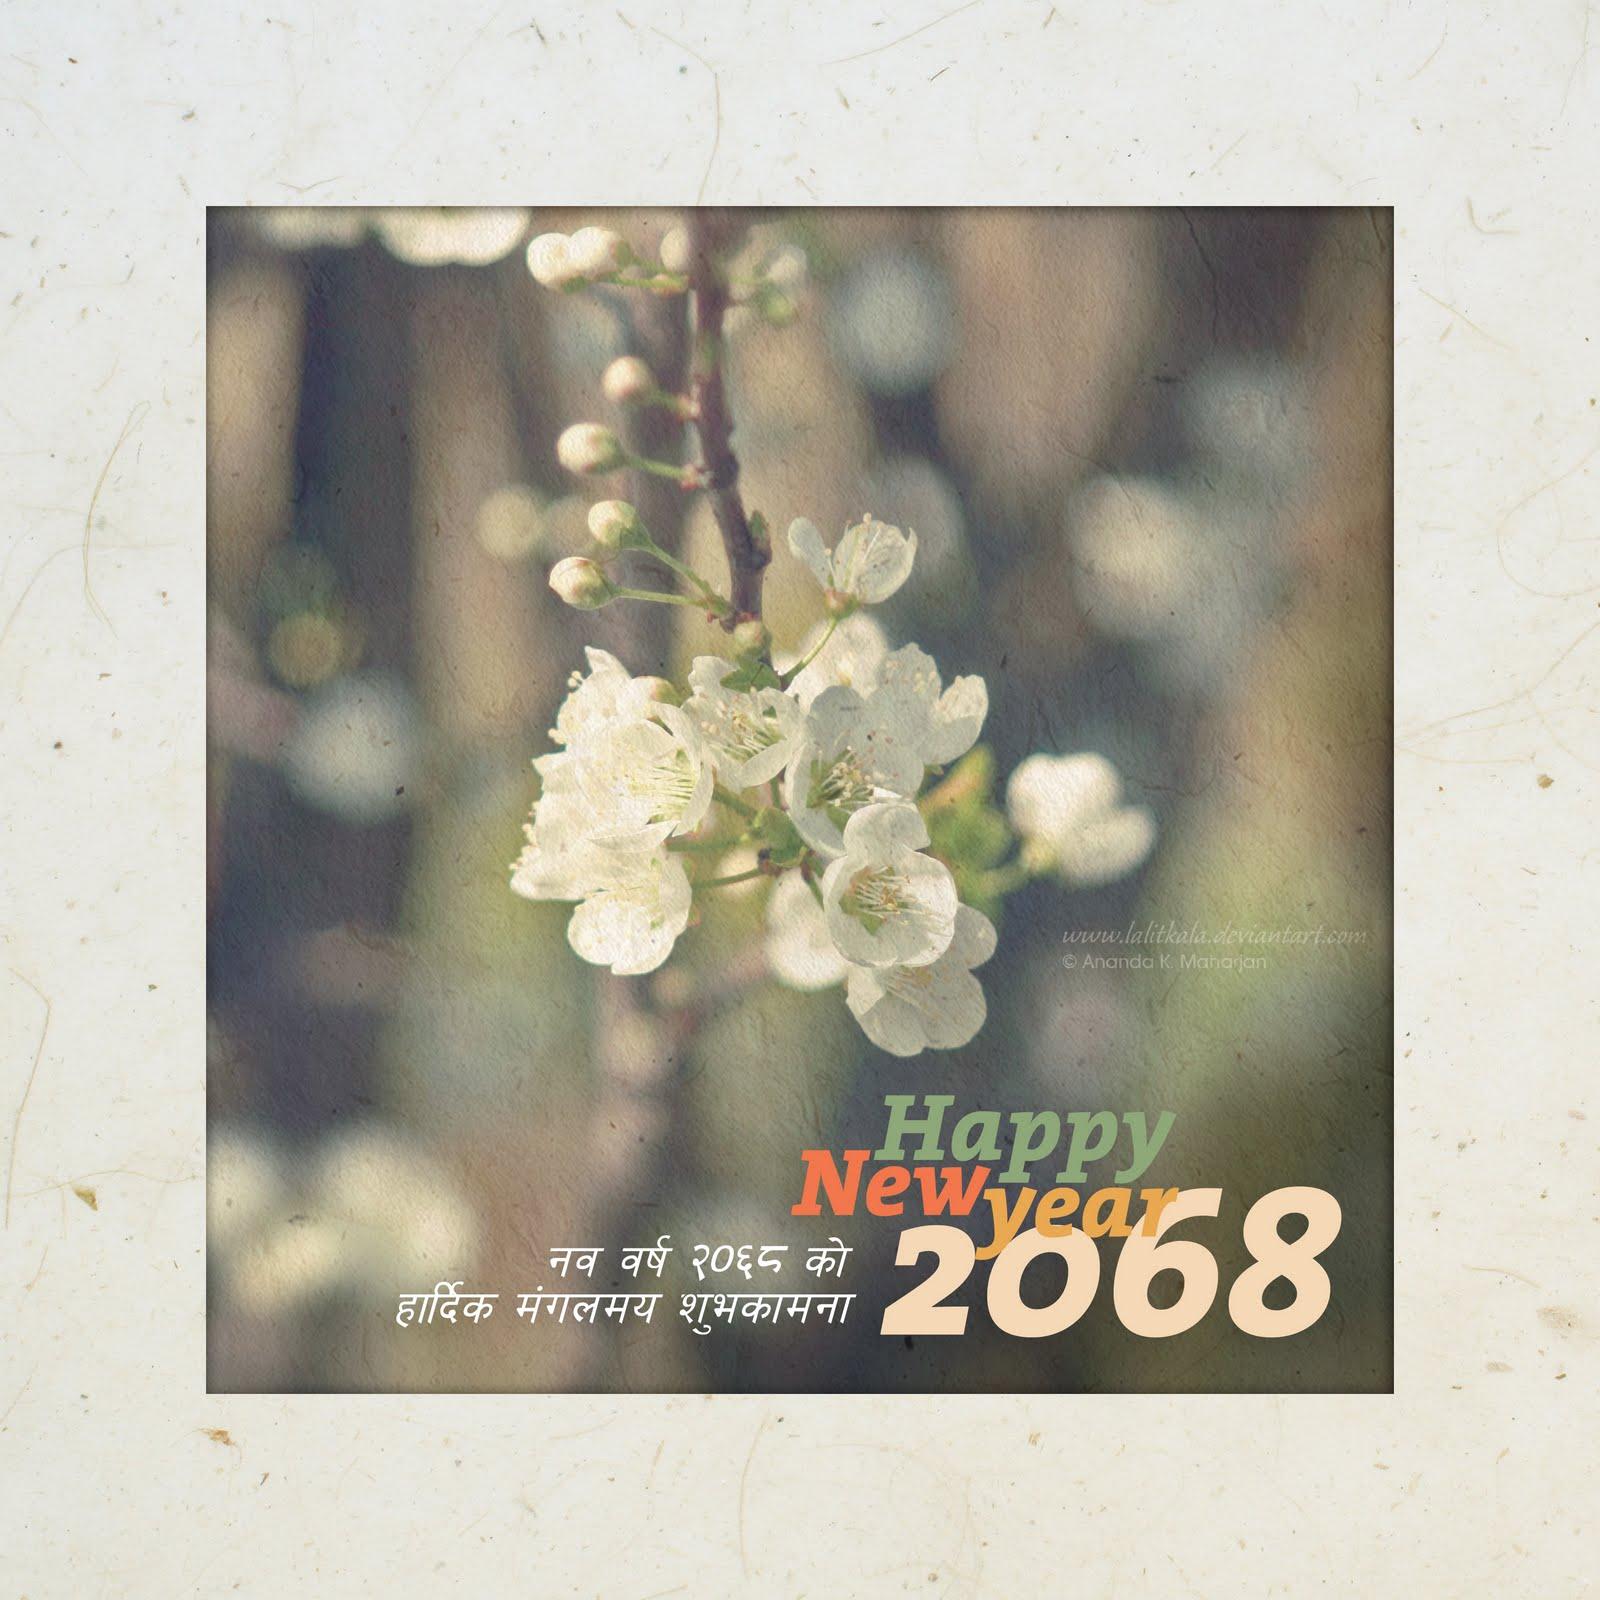 http://4.bp.blogspot.com/-t9LpRWdhr4M/TaVZsqeQvvI/AAAAAAAABBQ/4vT1fFCqZXc/s1600/happy+nepali+new+year+2068.jpg